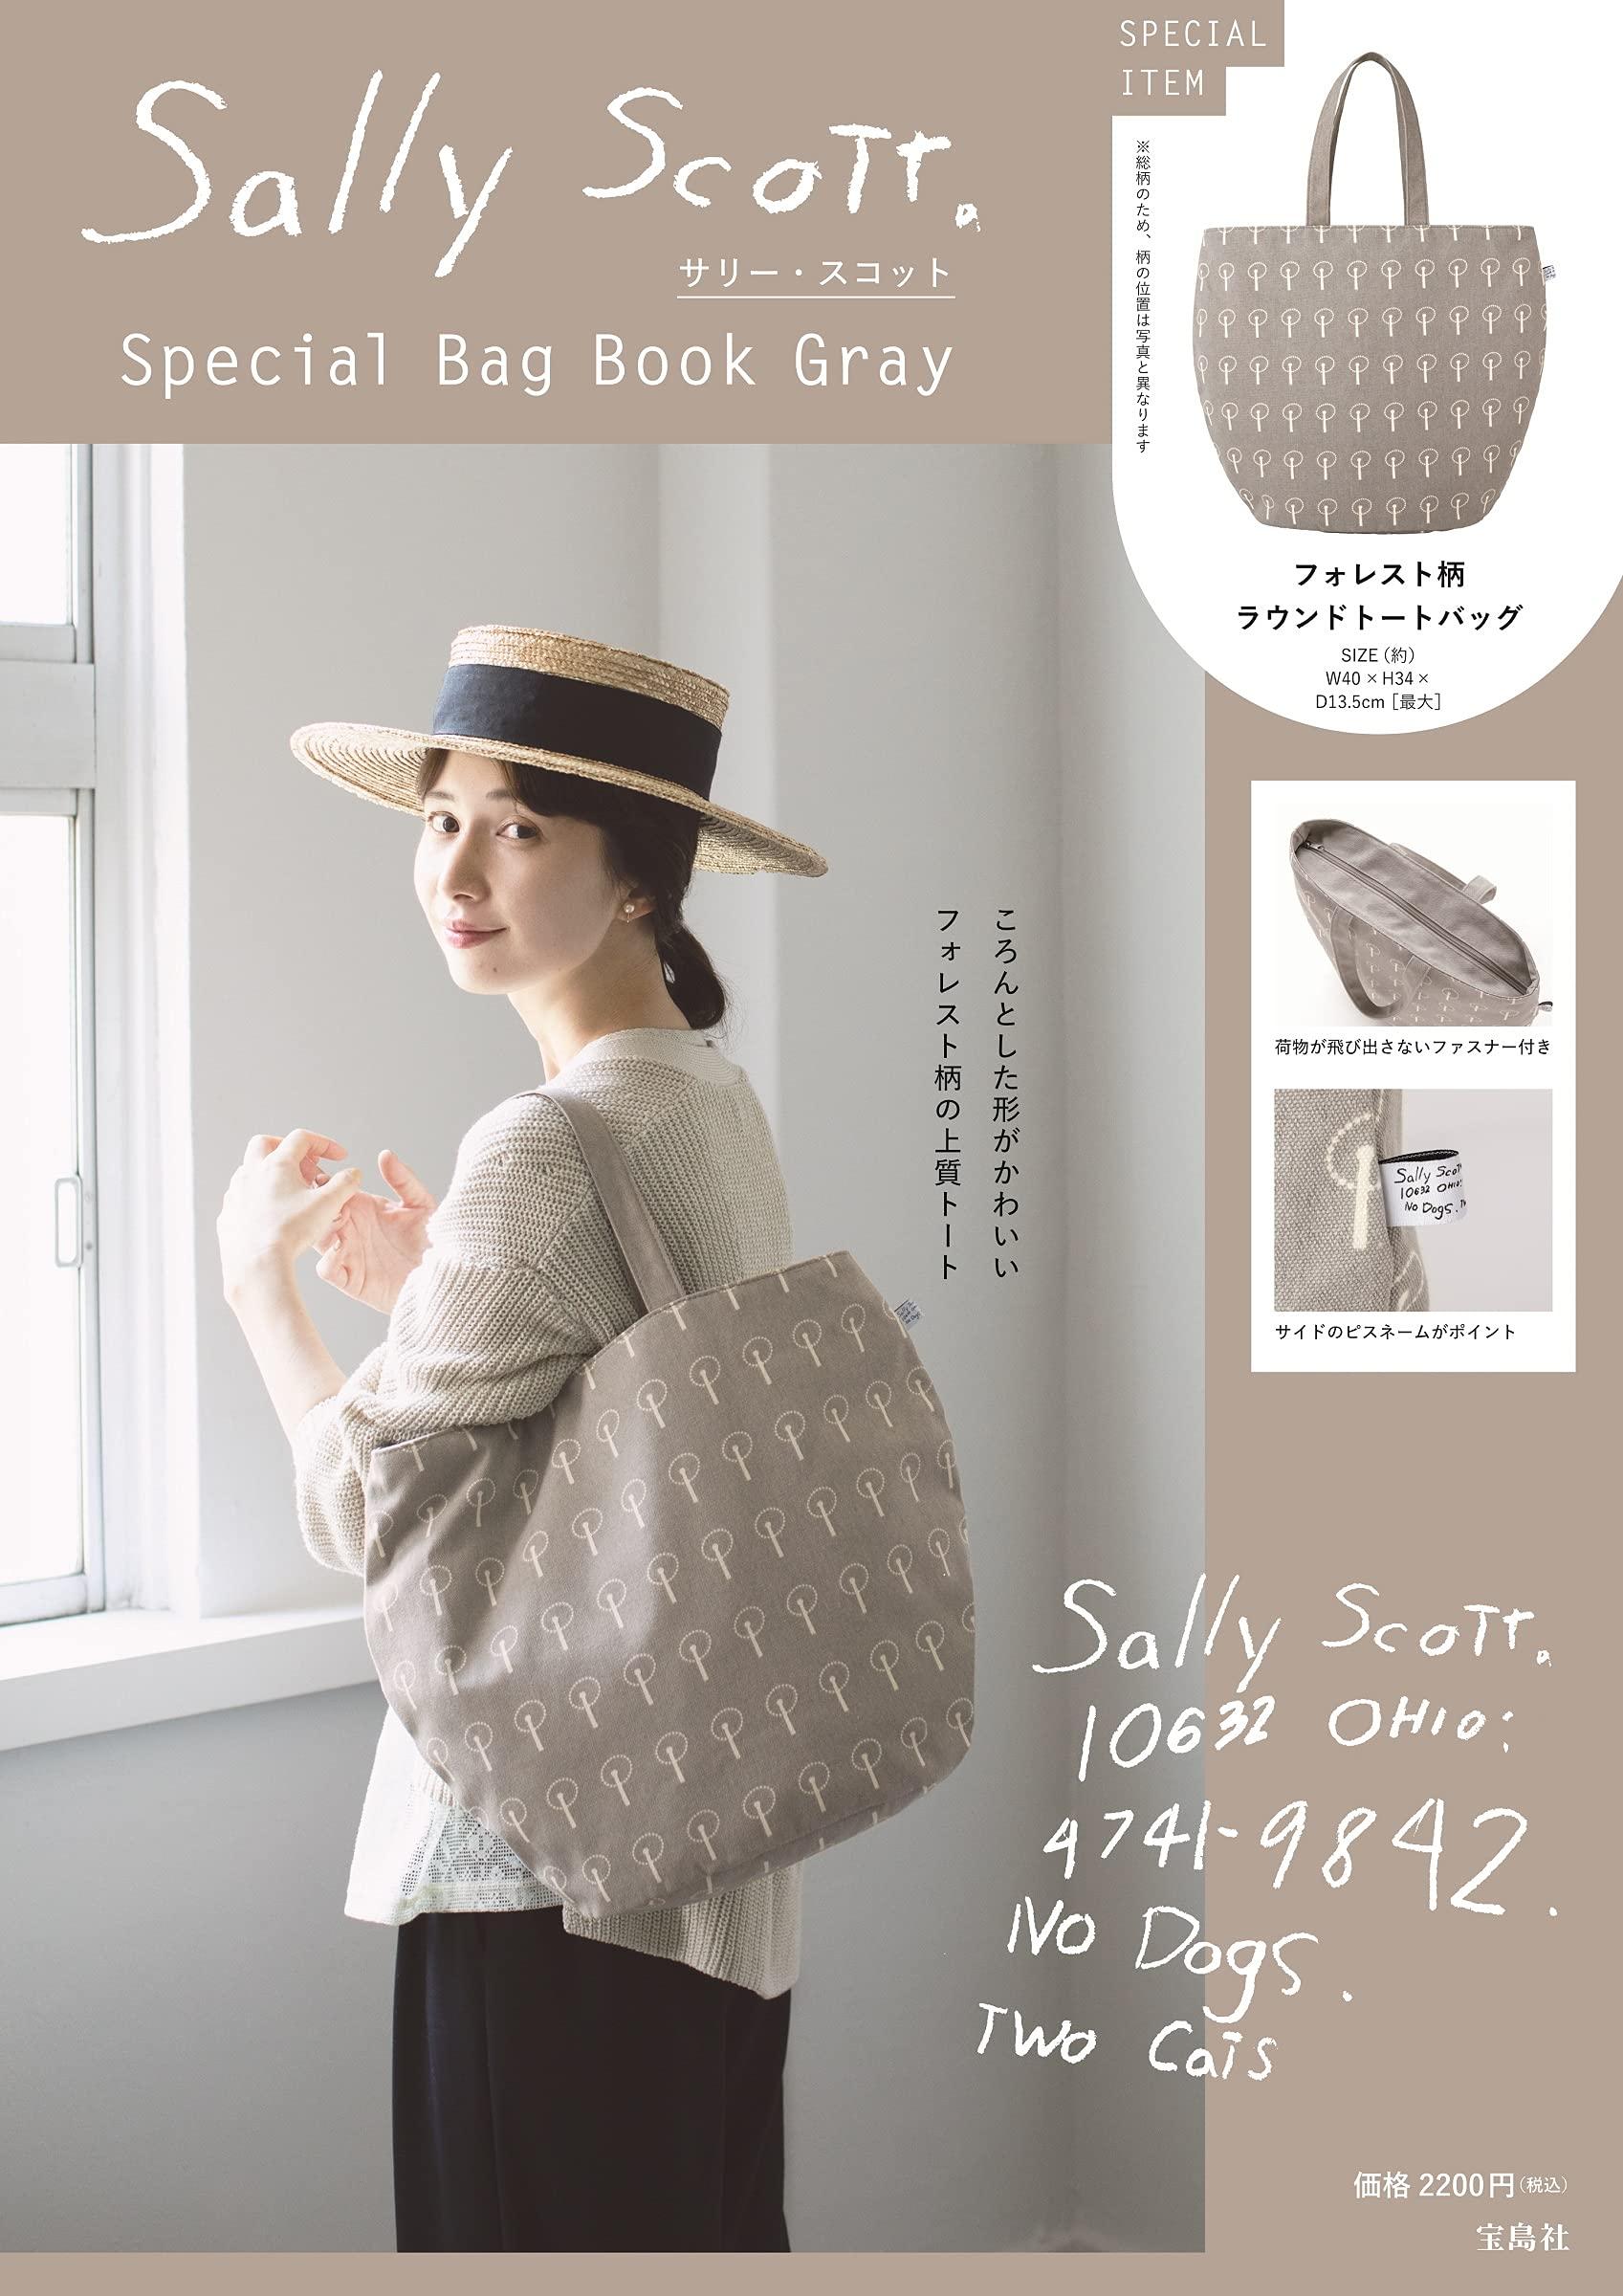 サリ-·スコット Special Bag Book Gray